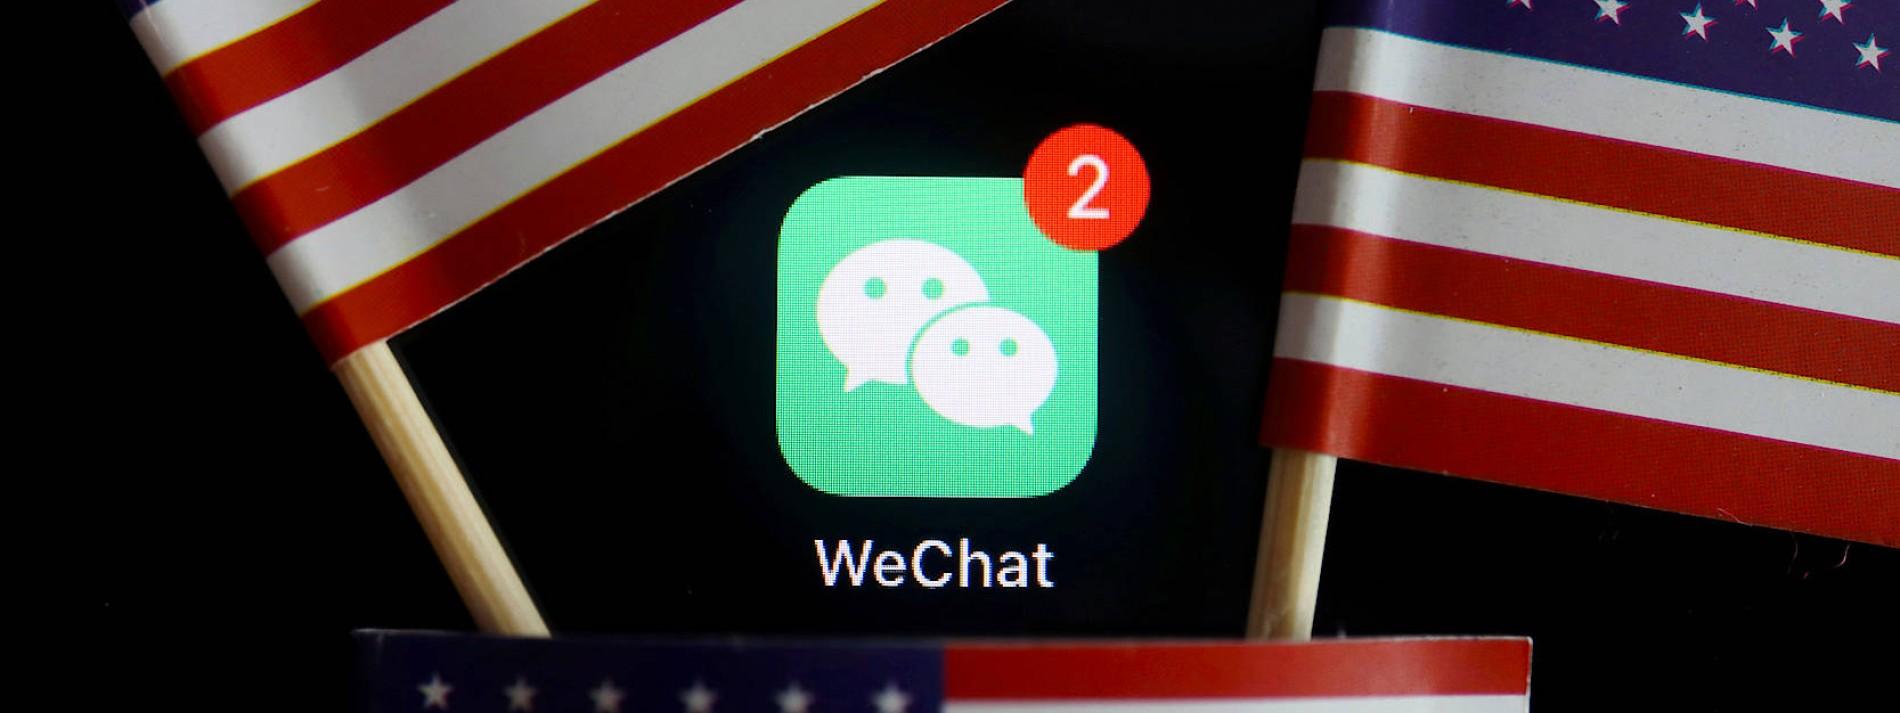 Richterin stoppt Trumps Blockade von WeChat